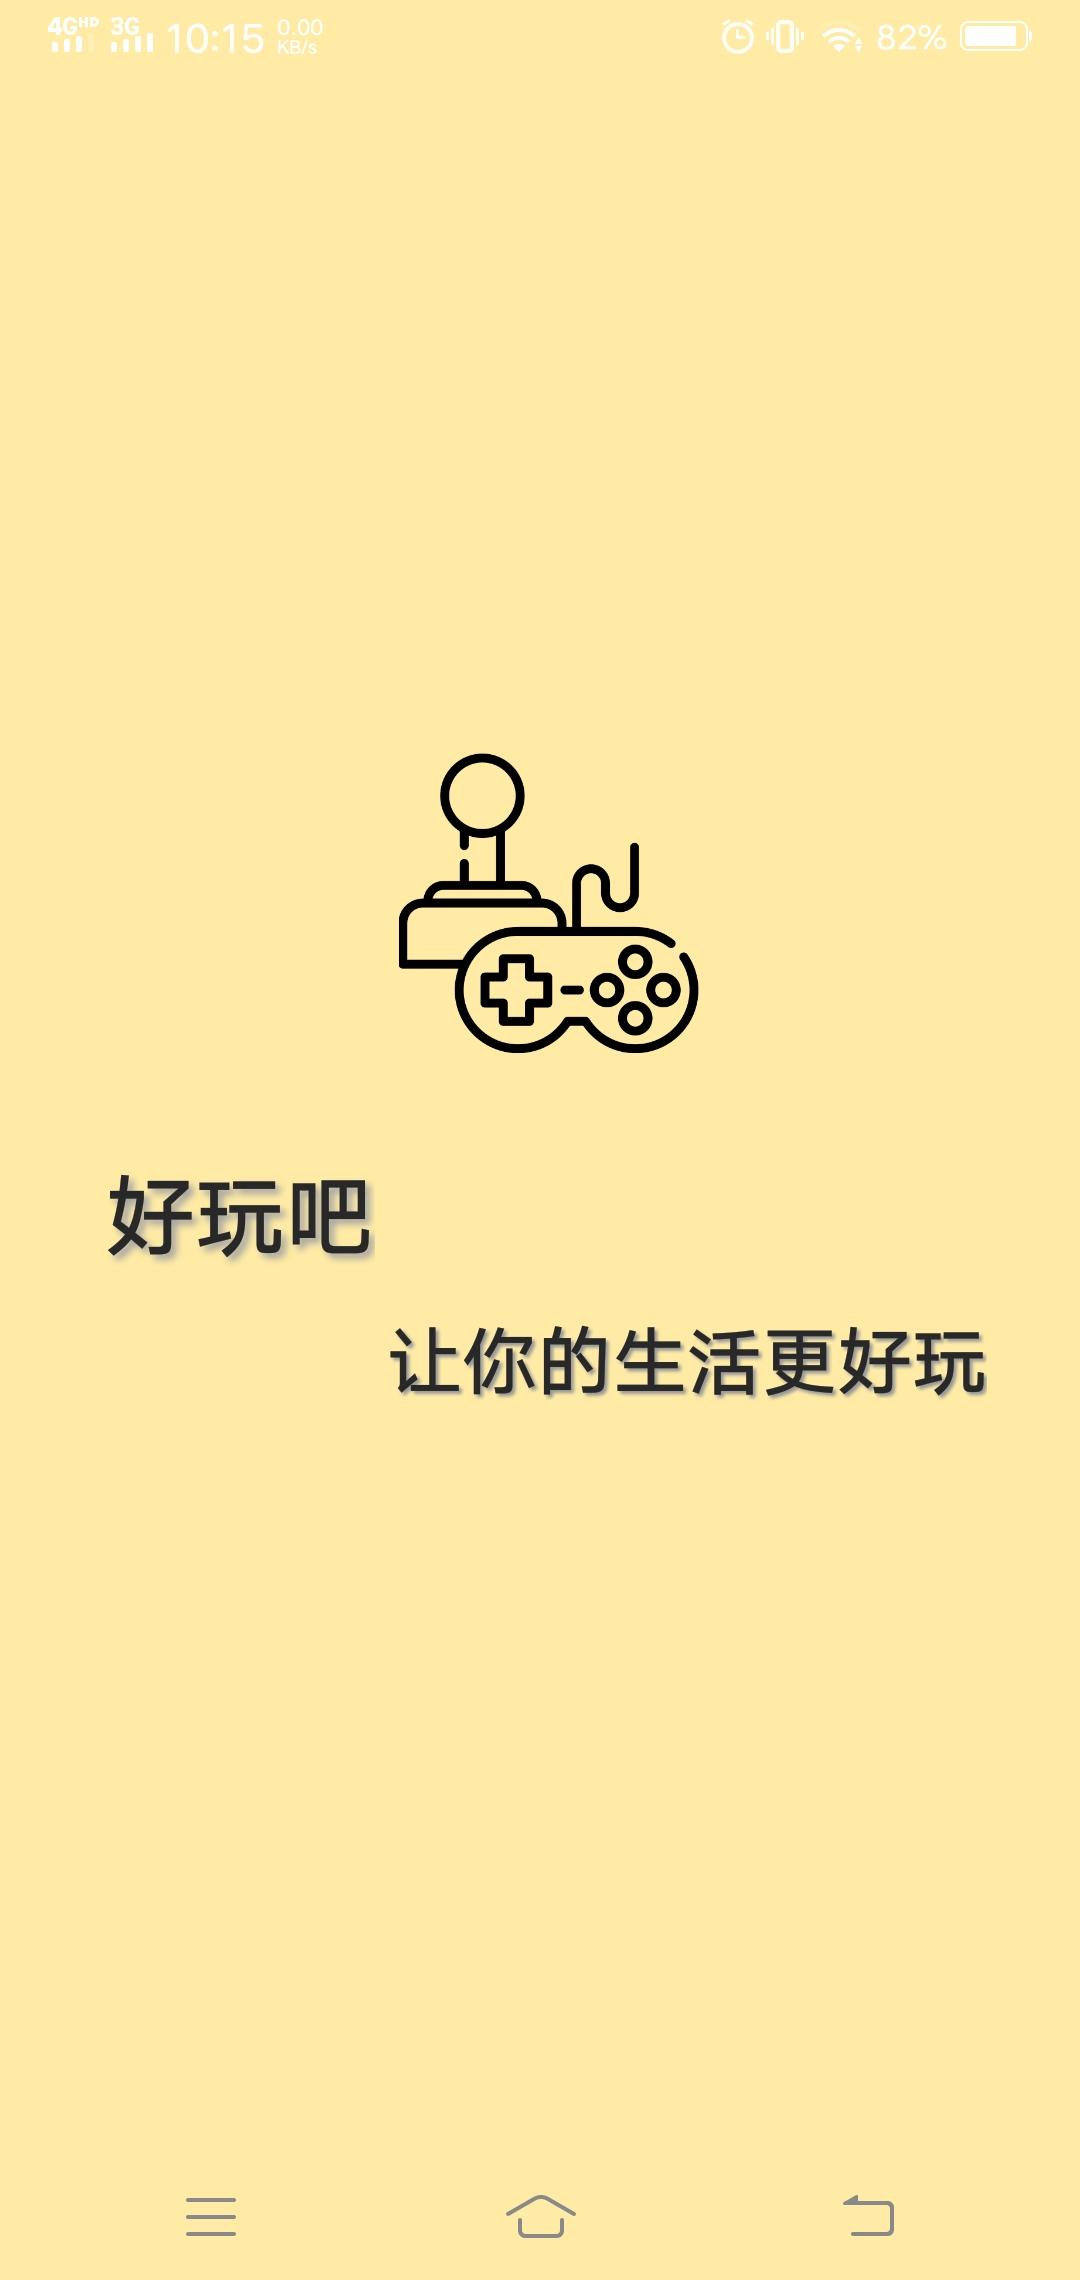 【小游戏】多款解压游戏 新增投稿功能 让你发现的游戏成为共享-爱小助